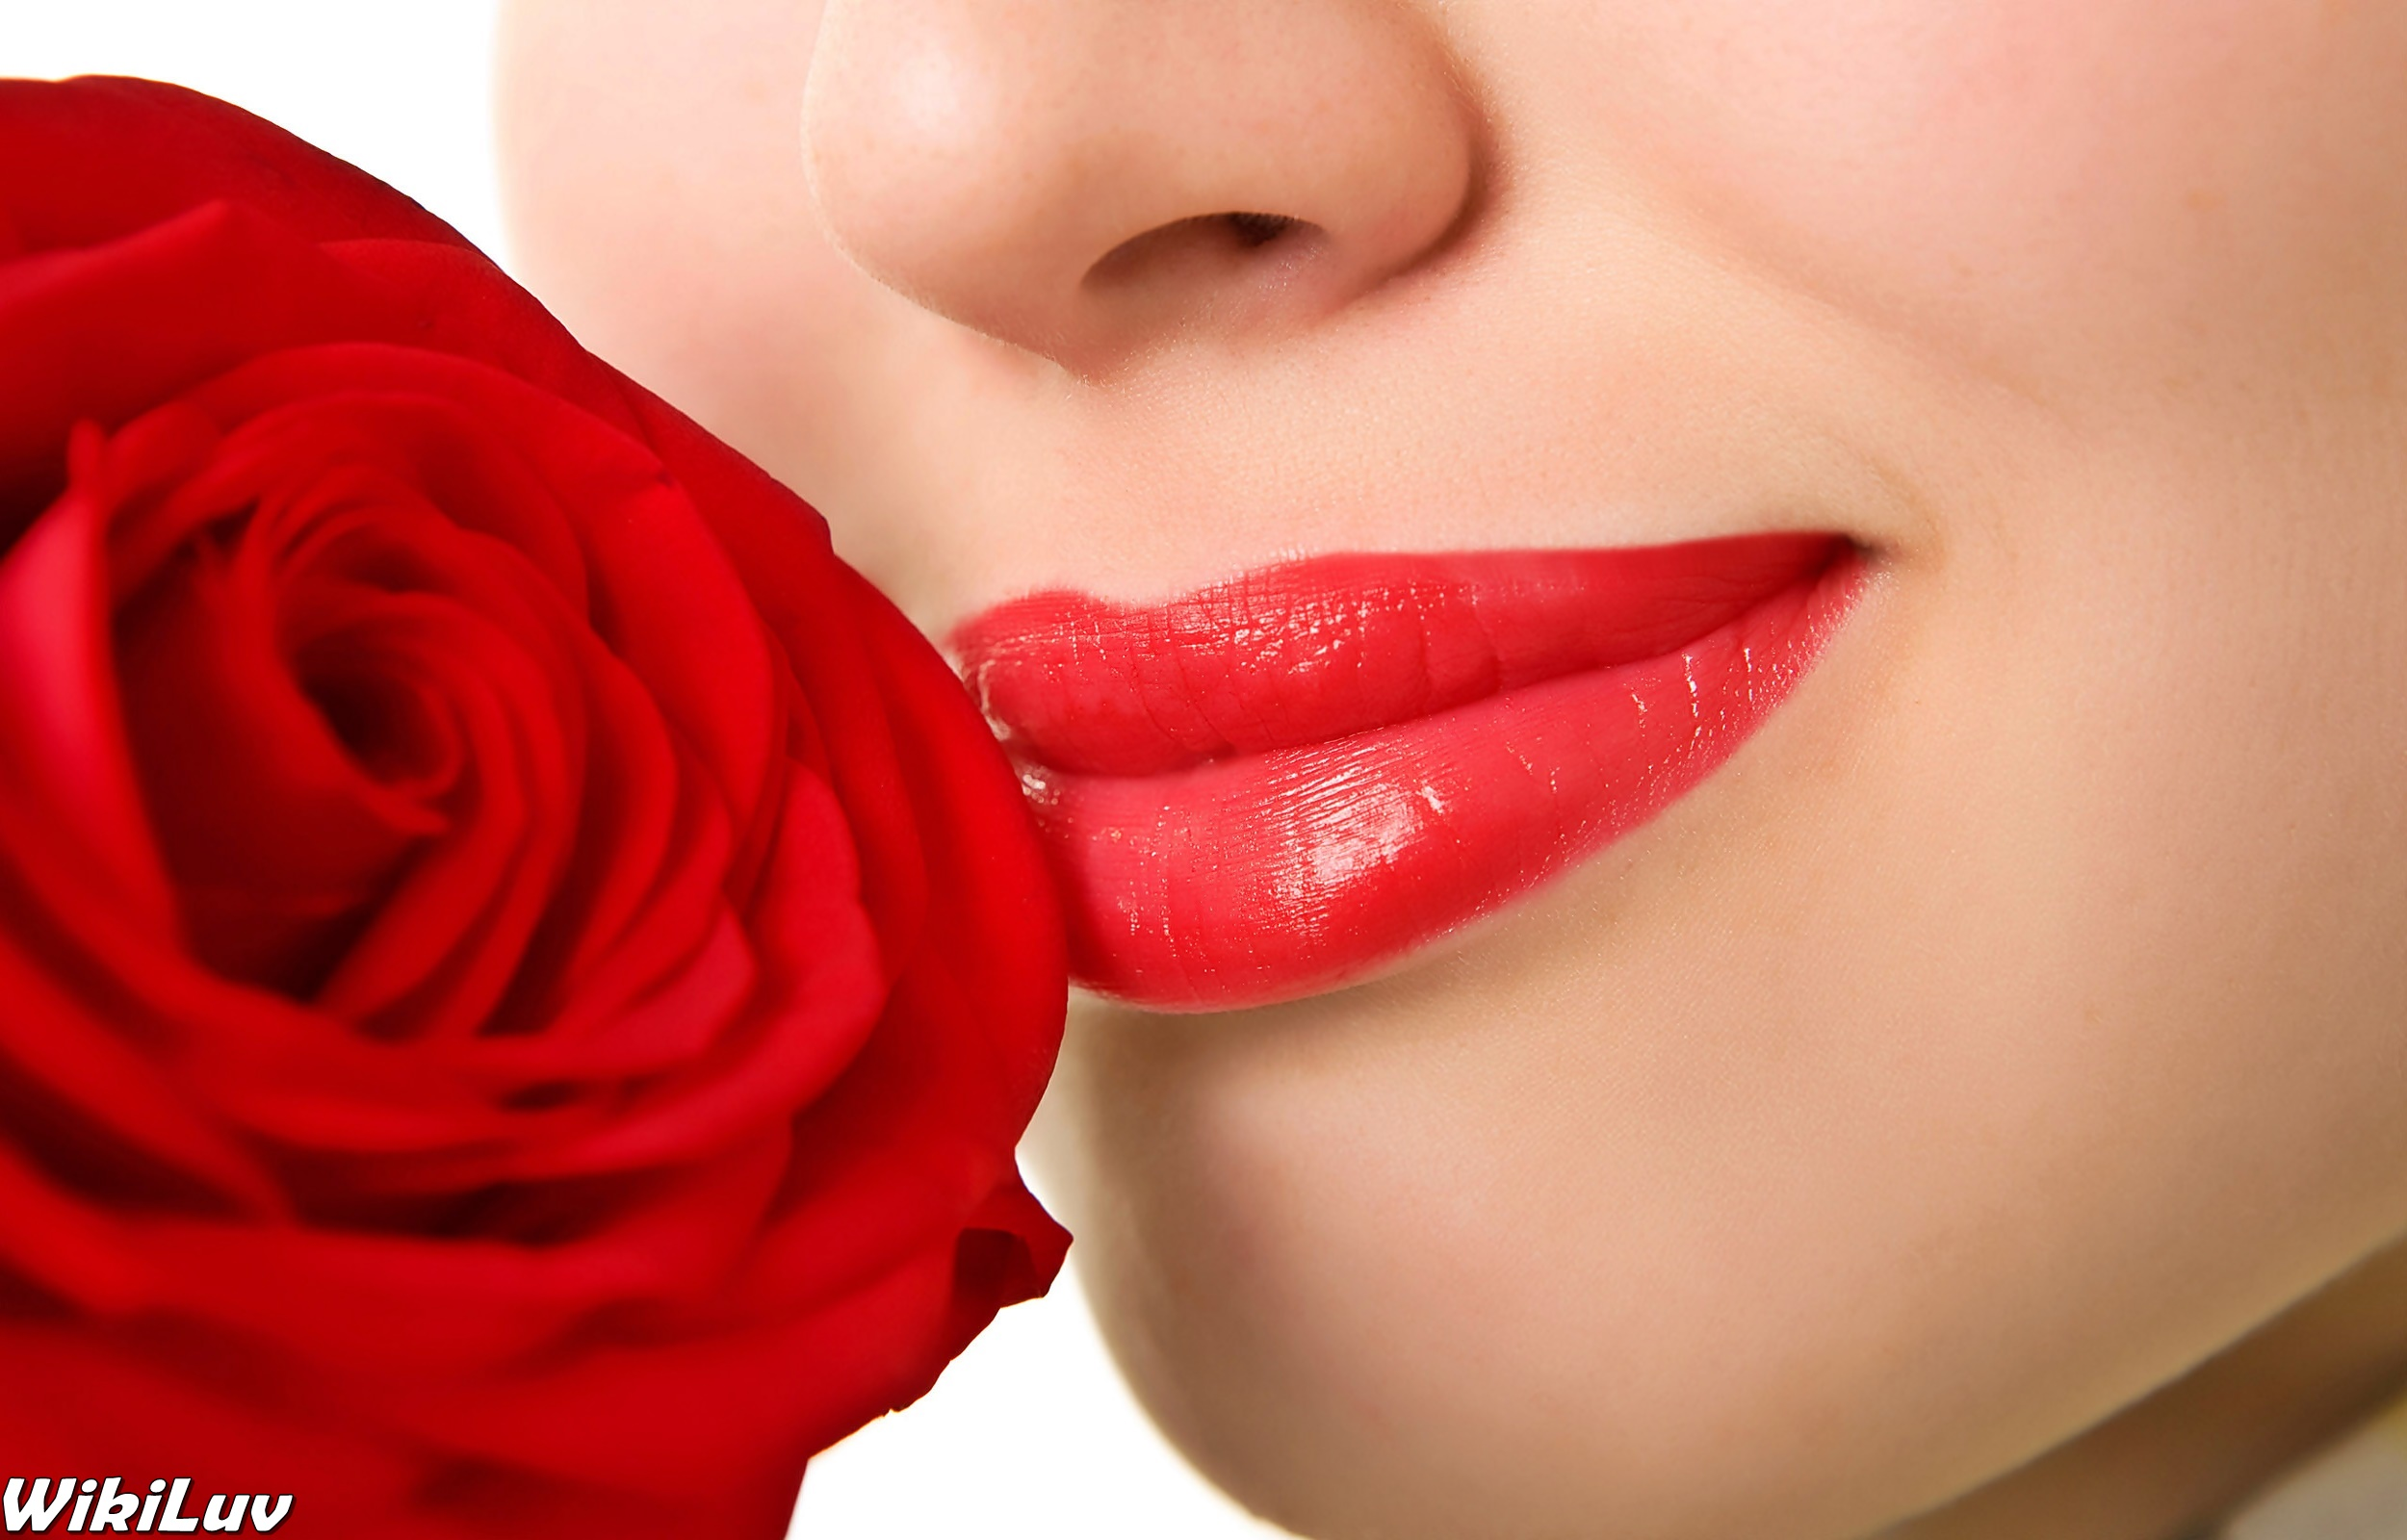 How To Lighten Dark Lips Naturally: Top 5 Home Remedies